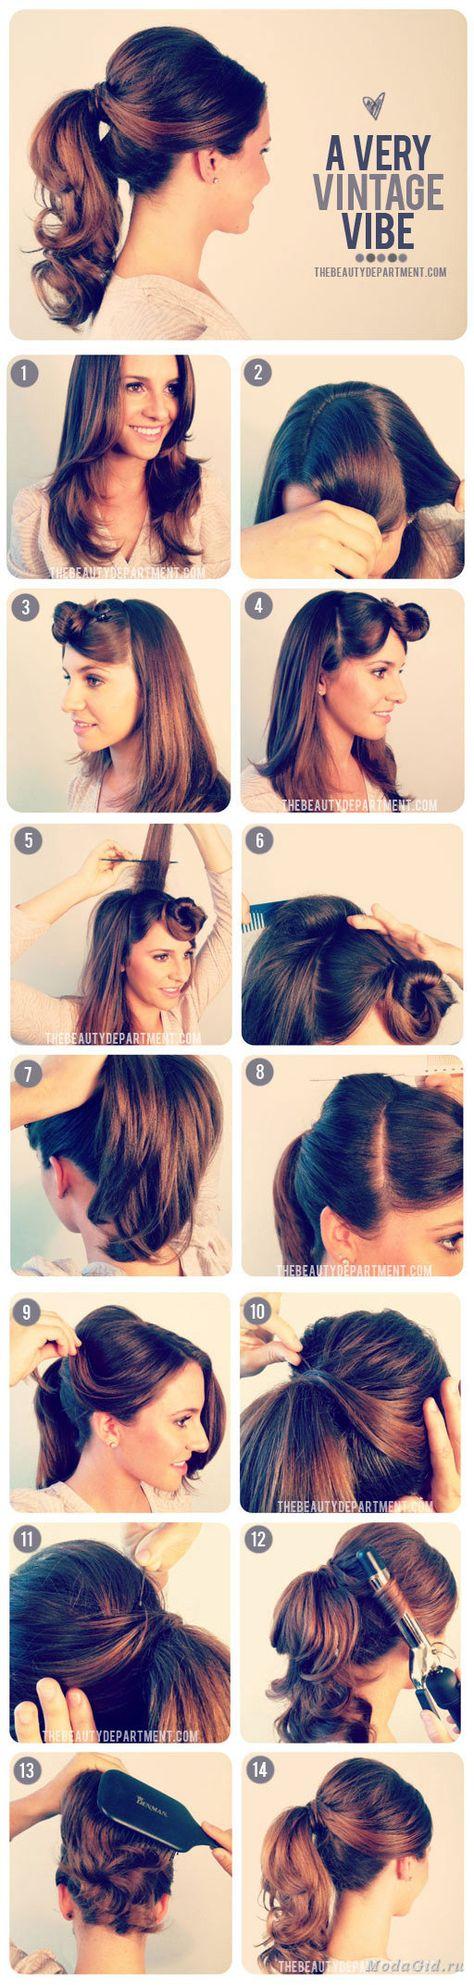 Как сделать прическу самой себе на средние волосы фото пошагово